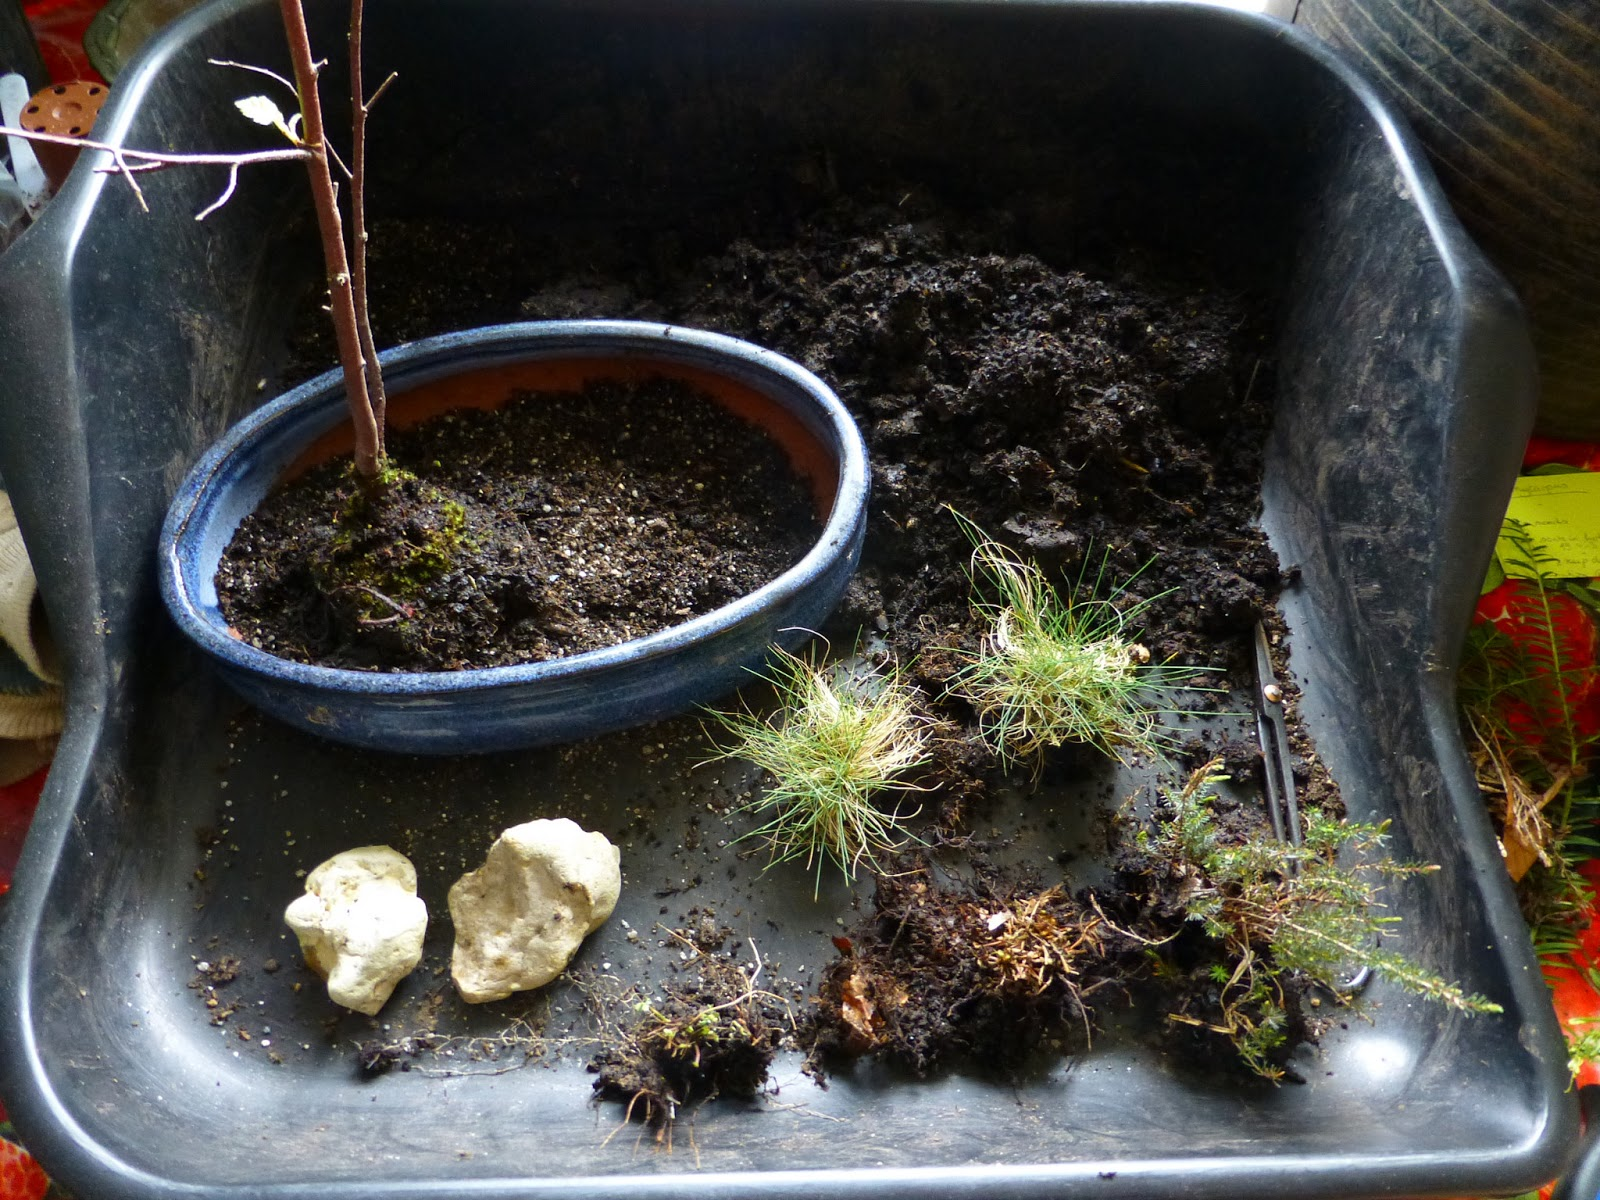 botaniquarium blog new forest bonsailandschaft. Black Bedroom Furniture Sets. Home Design Ideas